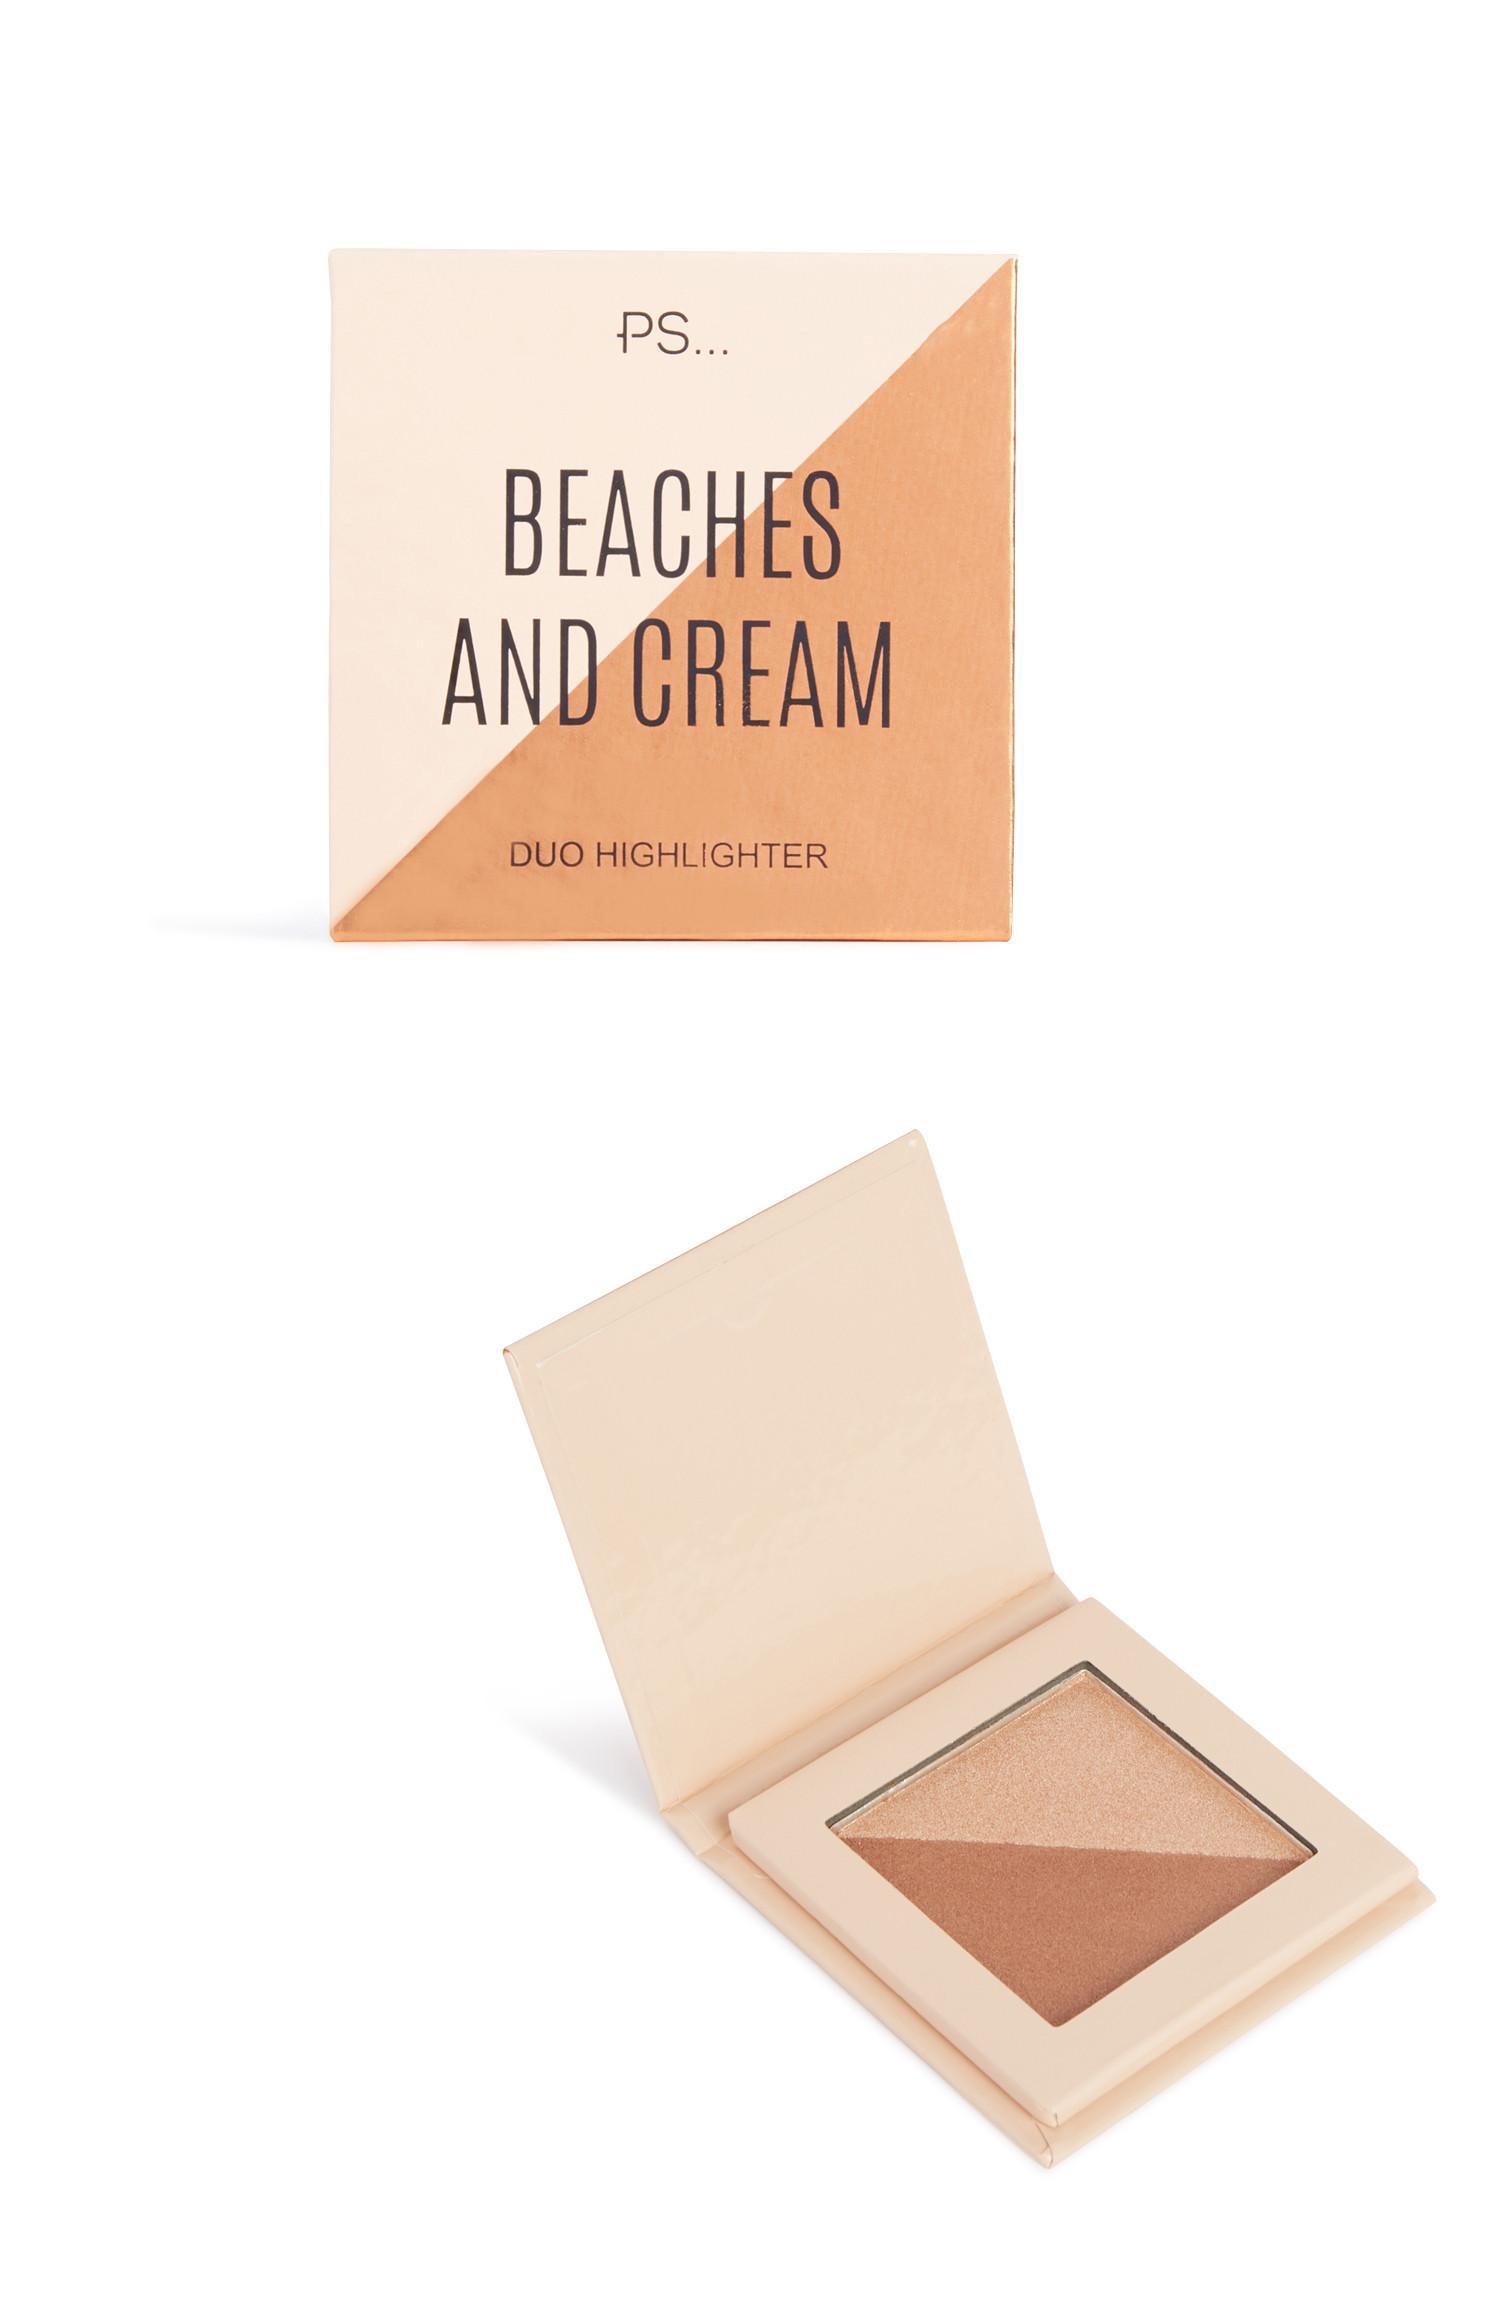 Iluminador Beaches And Cream